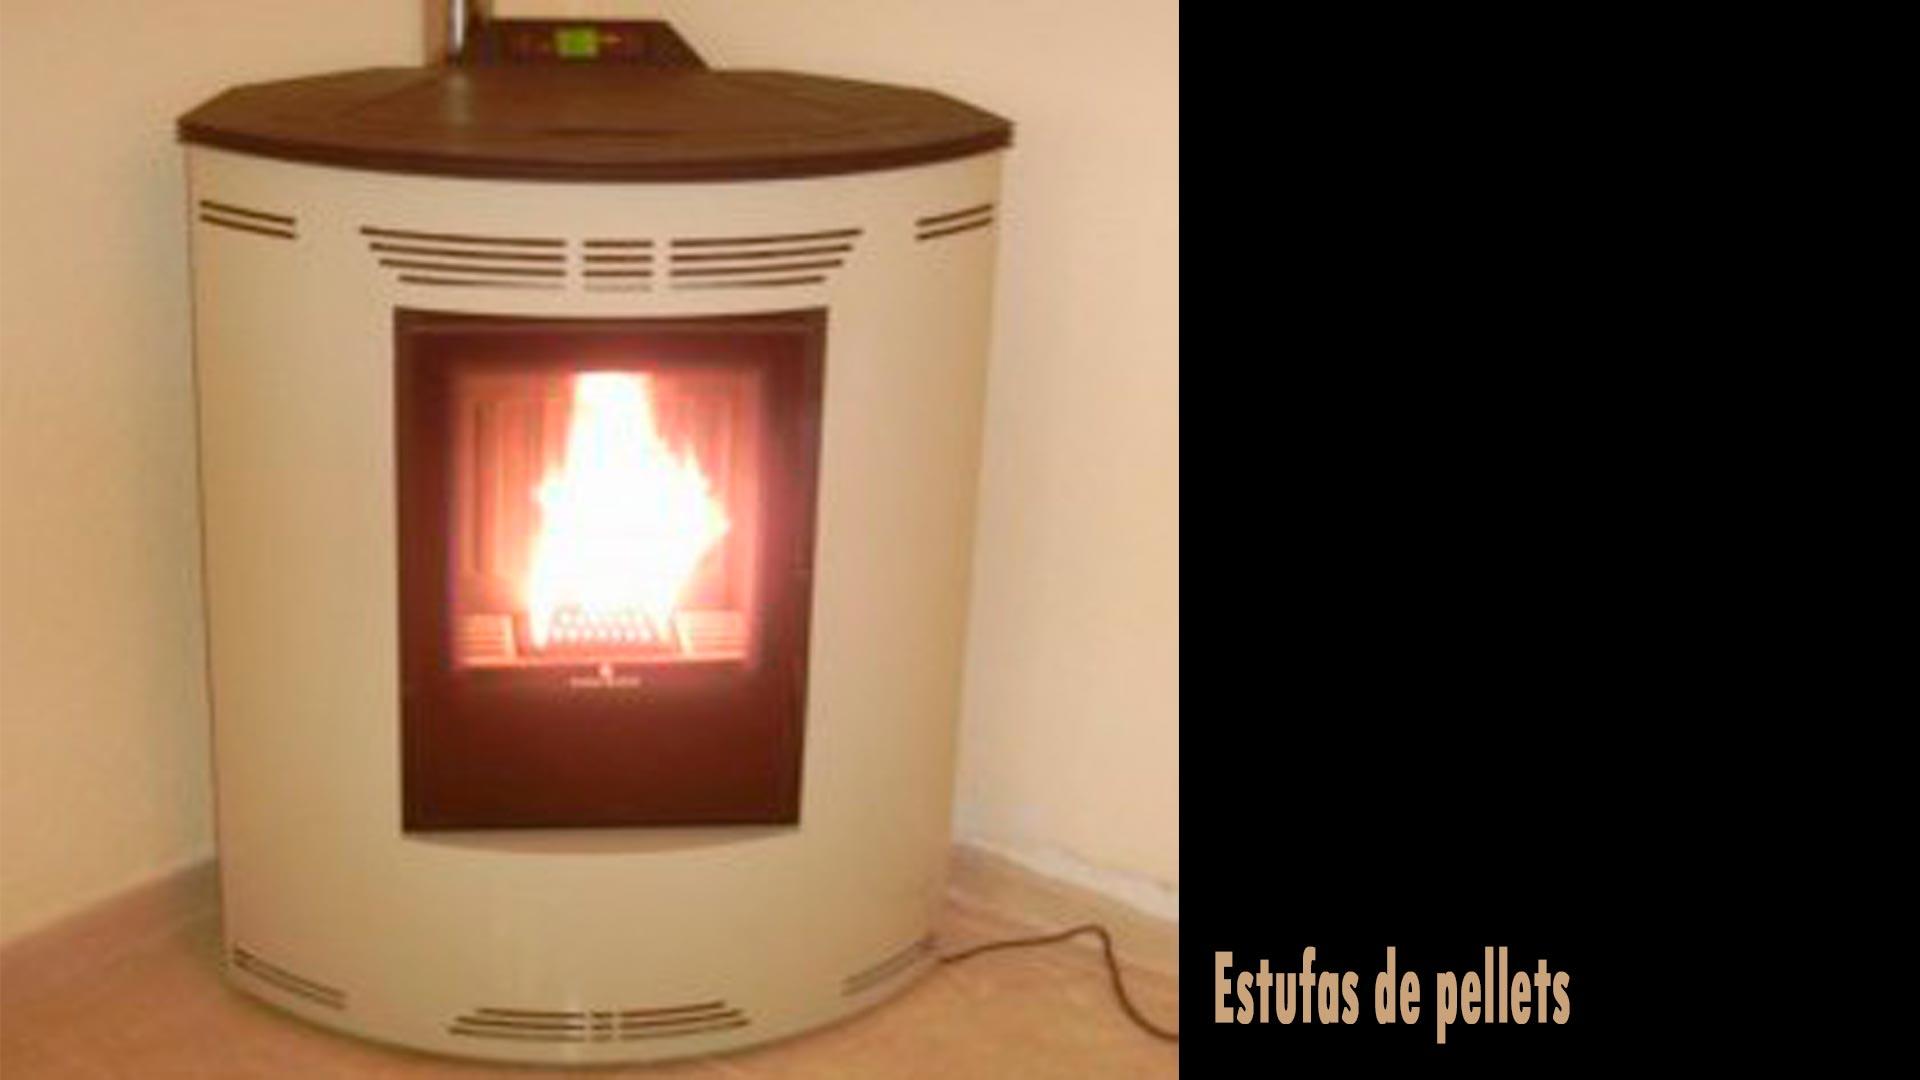 Se acerca el invierno ya tienes tu calefacci n a punto for Calefaccion de pellets